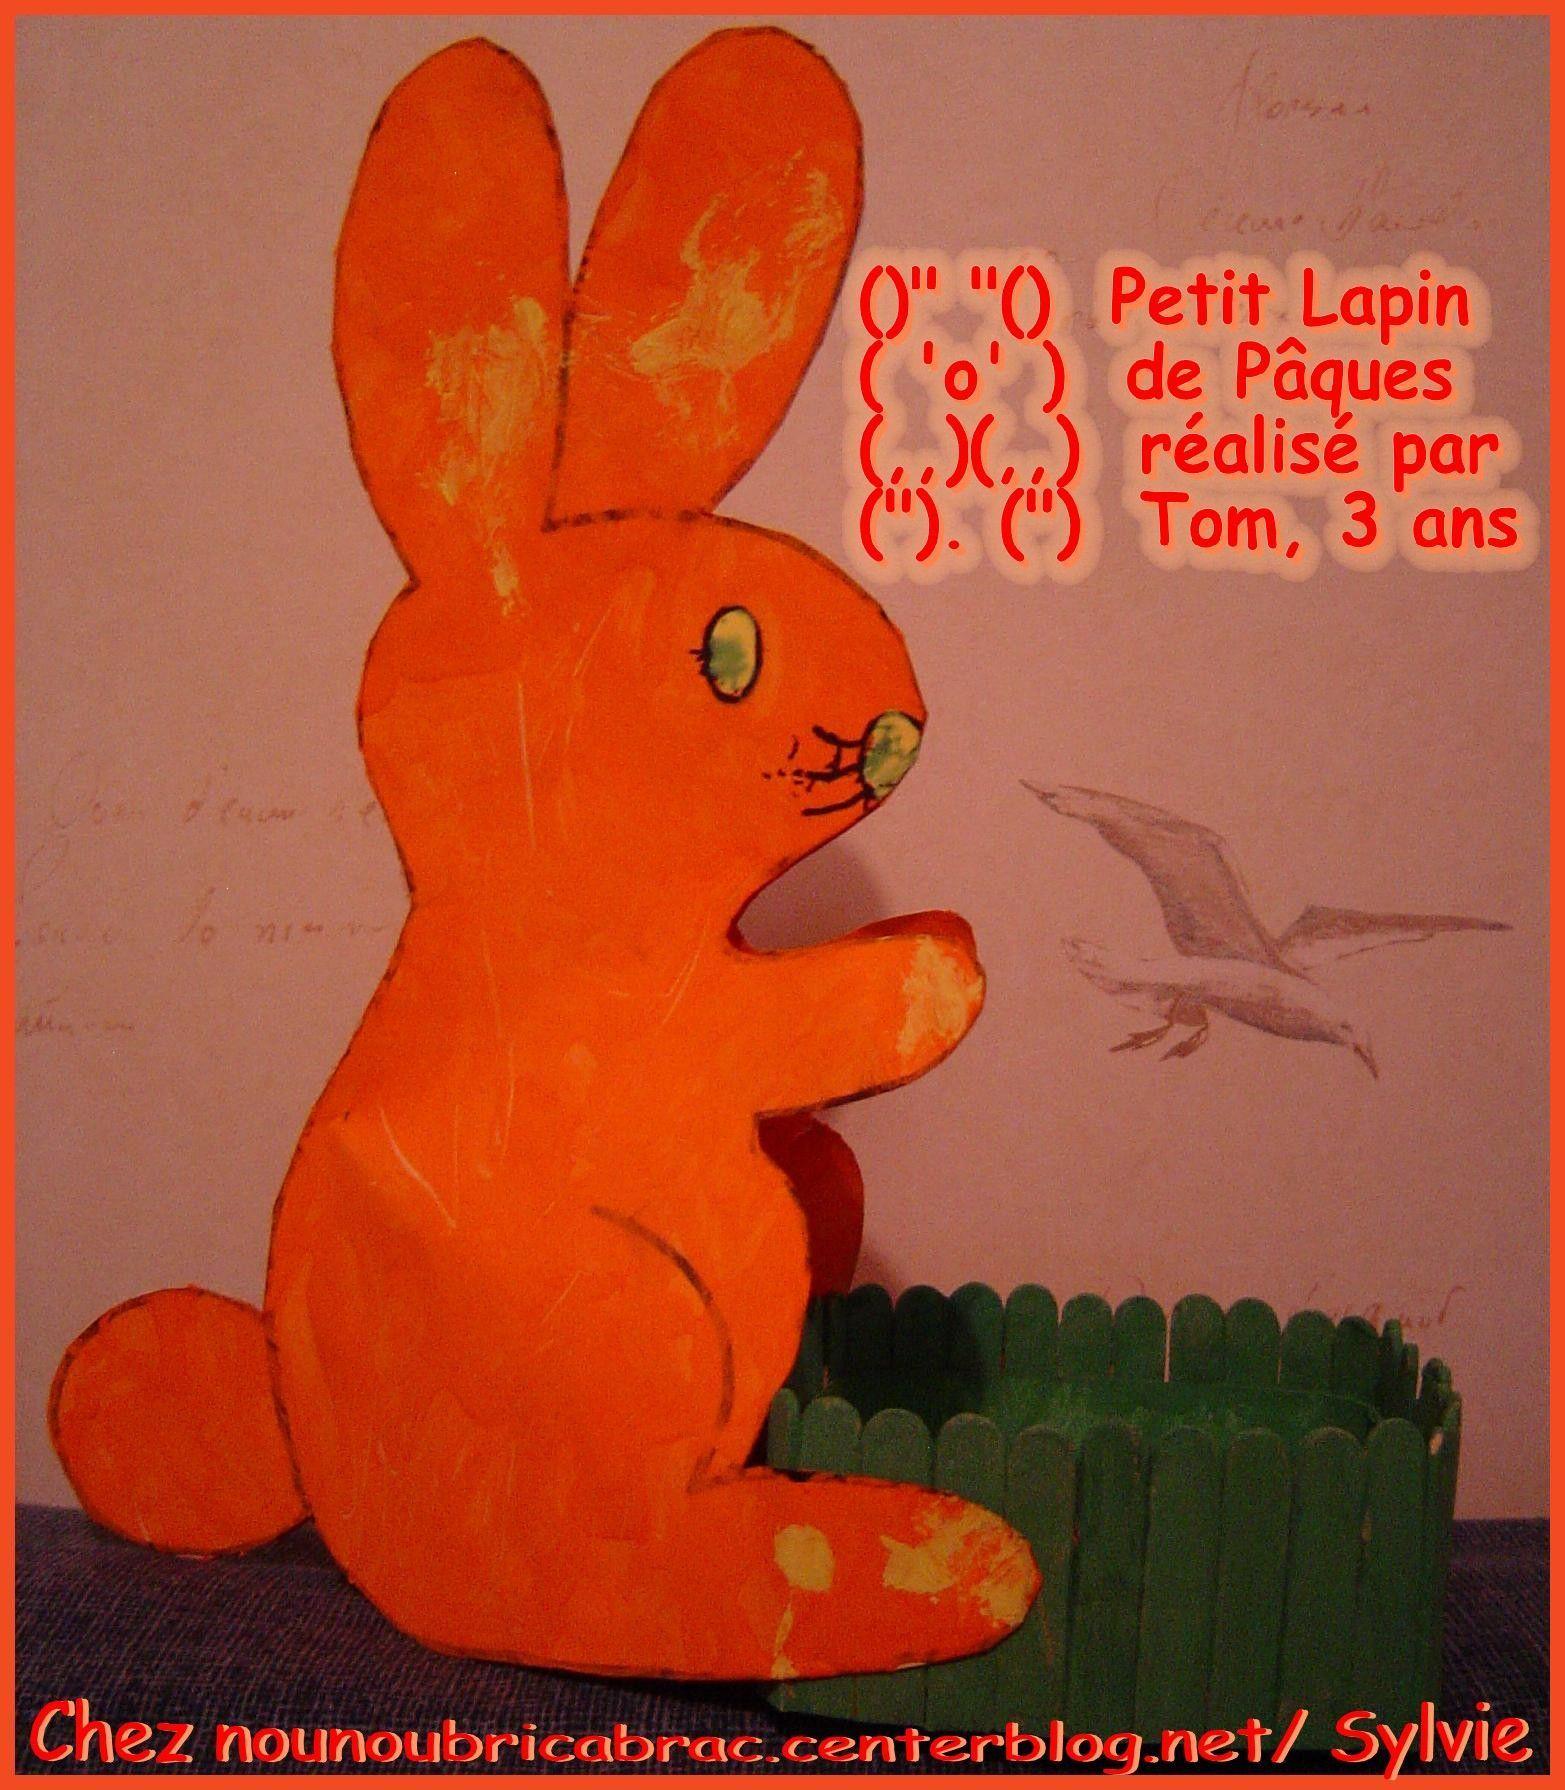 Lapin de Pâques *5* réalisé par Tom, 3 ans